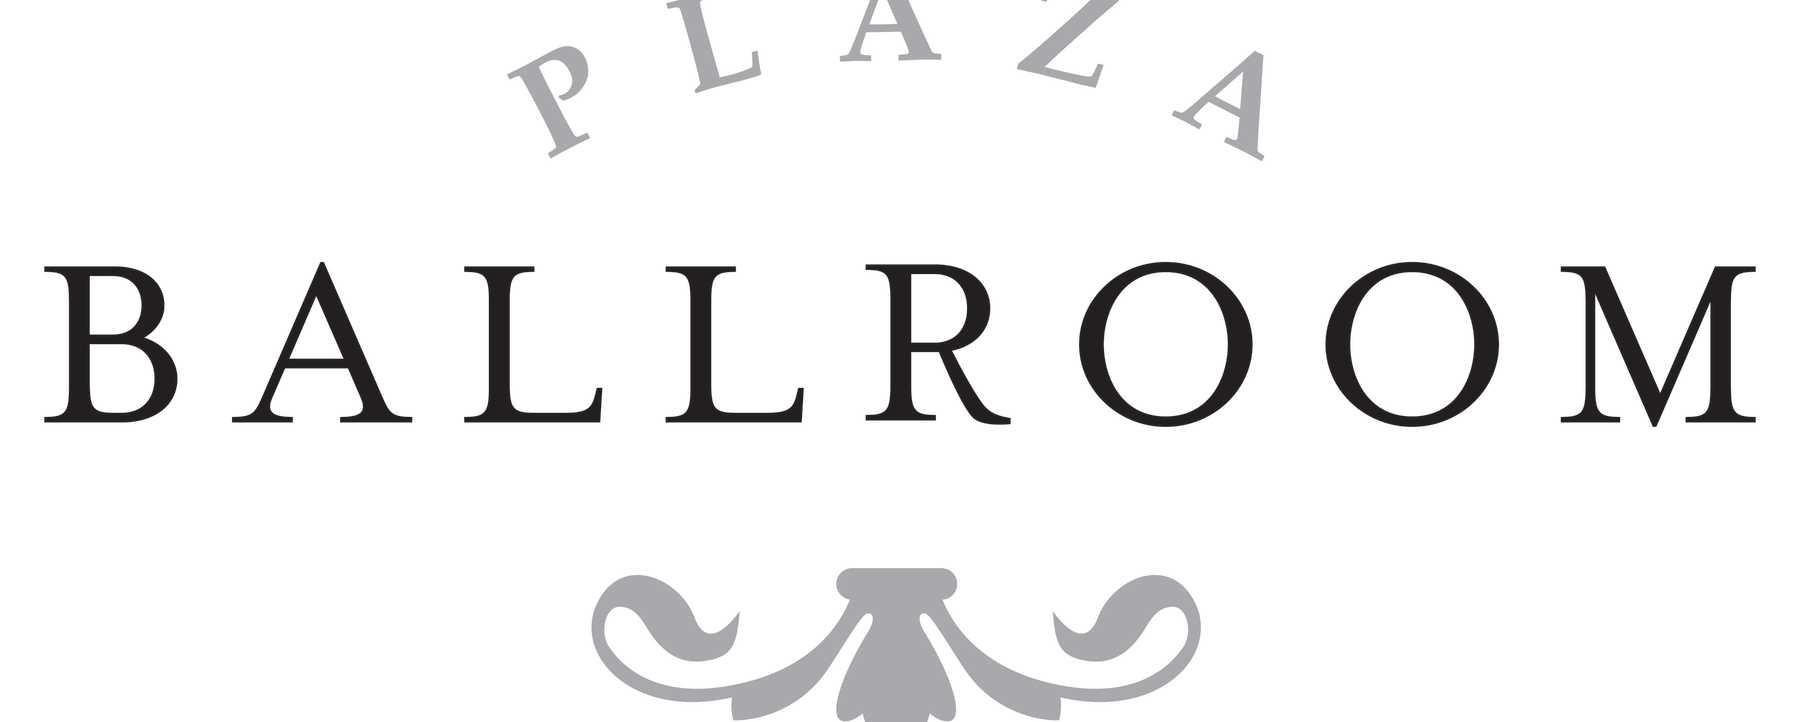 Plaza Ballroom Logo